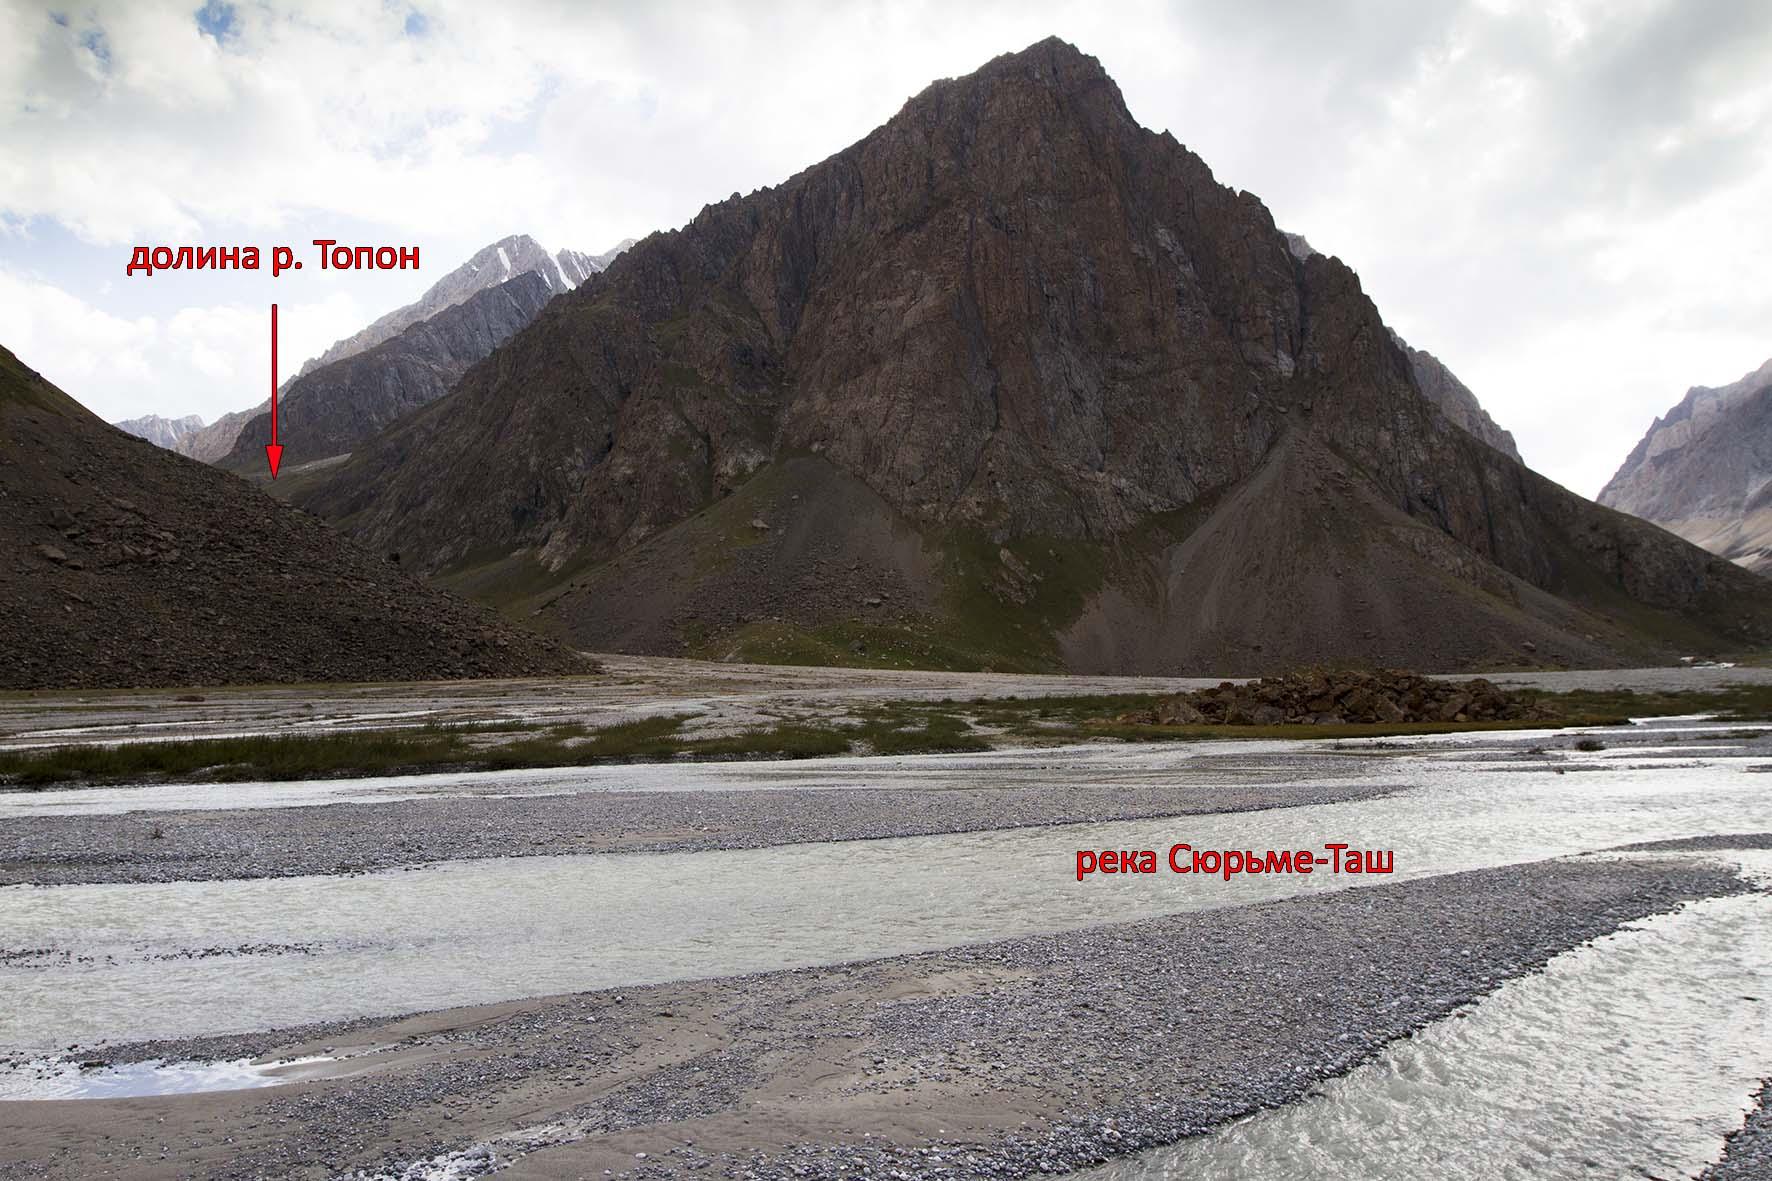 разливы на р. Сюрьме-Таш в месте слияния с р. Топон